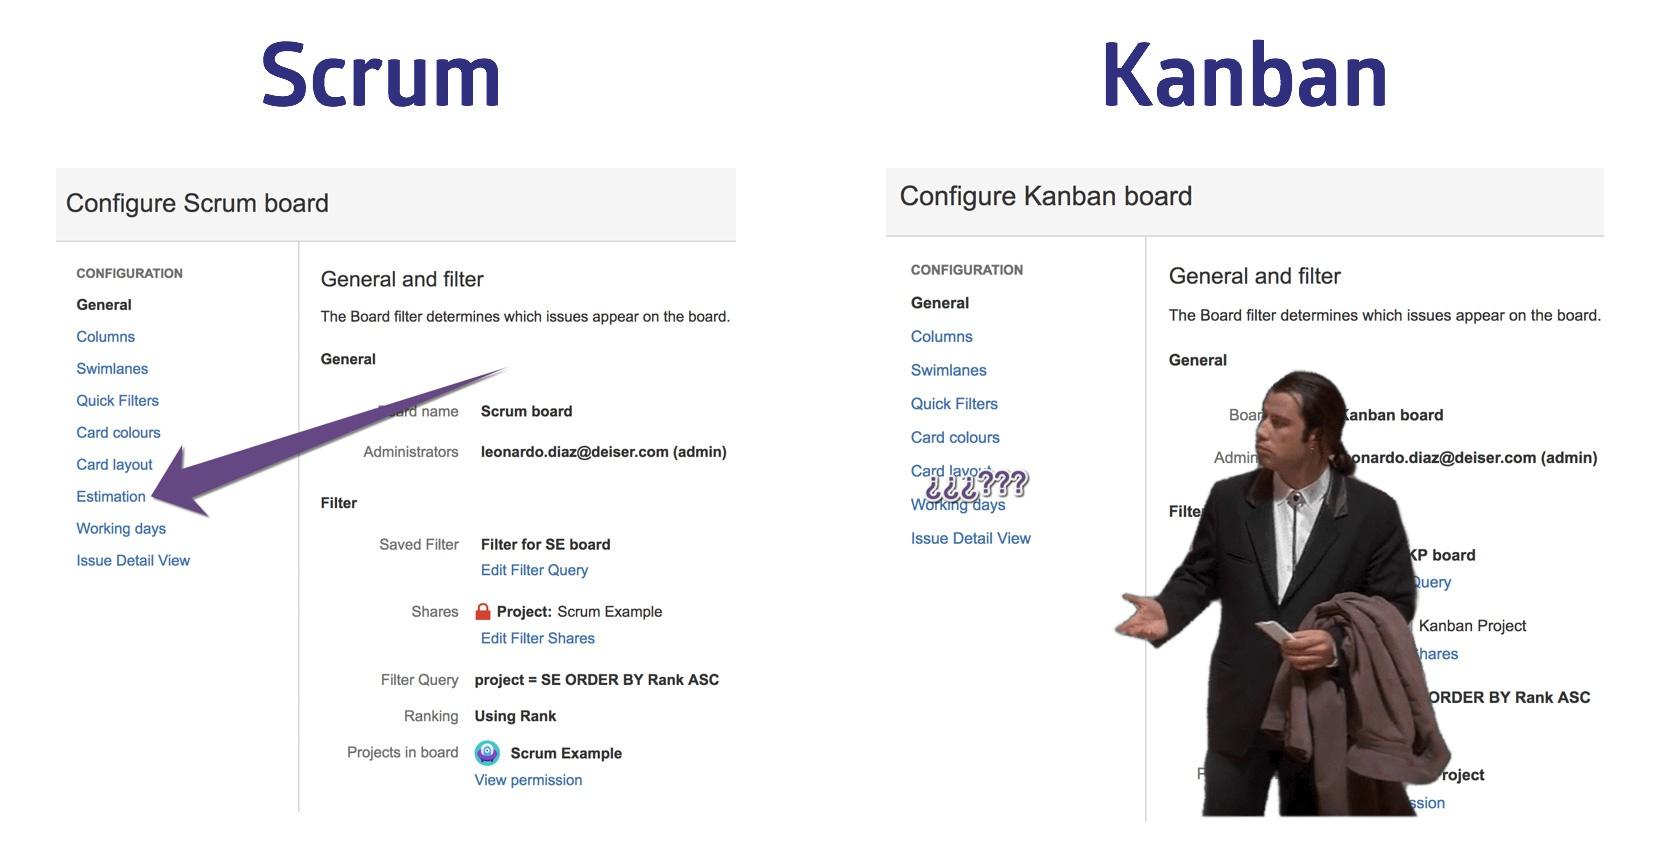 tableros-scrum-kanban_configuraci-n_Jira-software-7-5_Atlassian_DEISER-espana_John-Travolta-meme